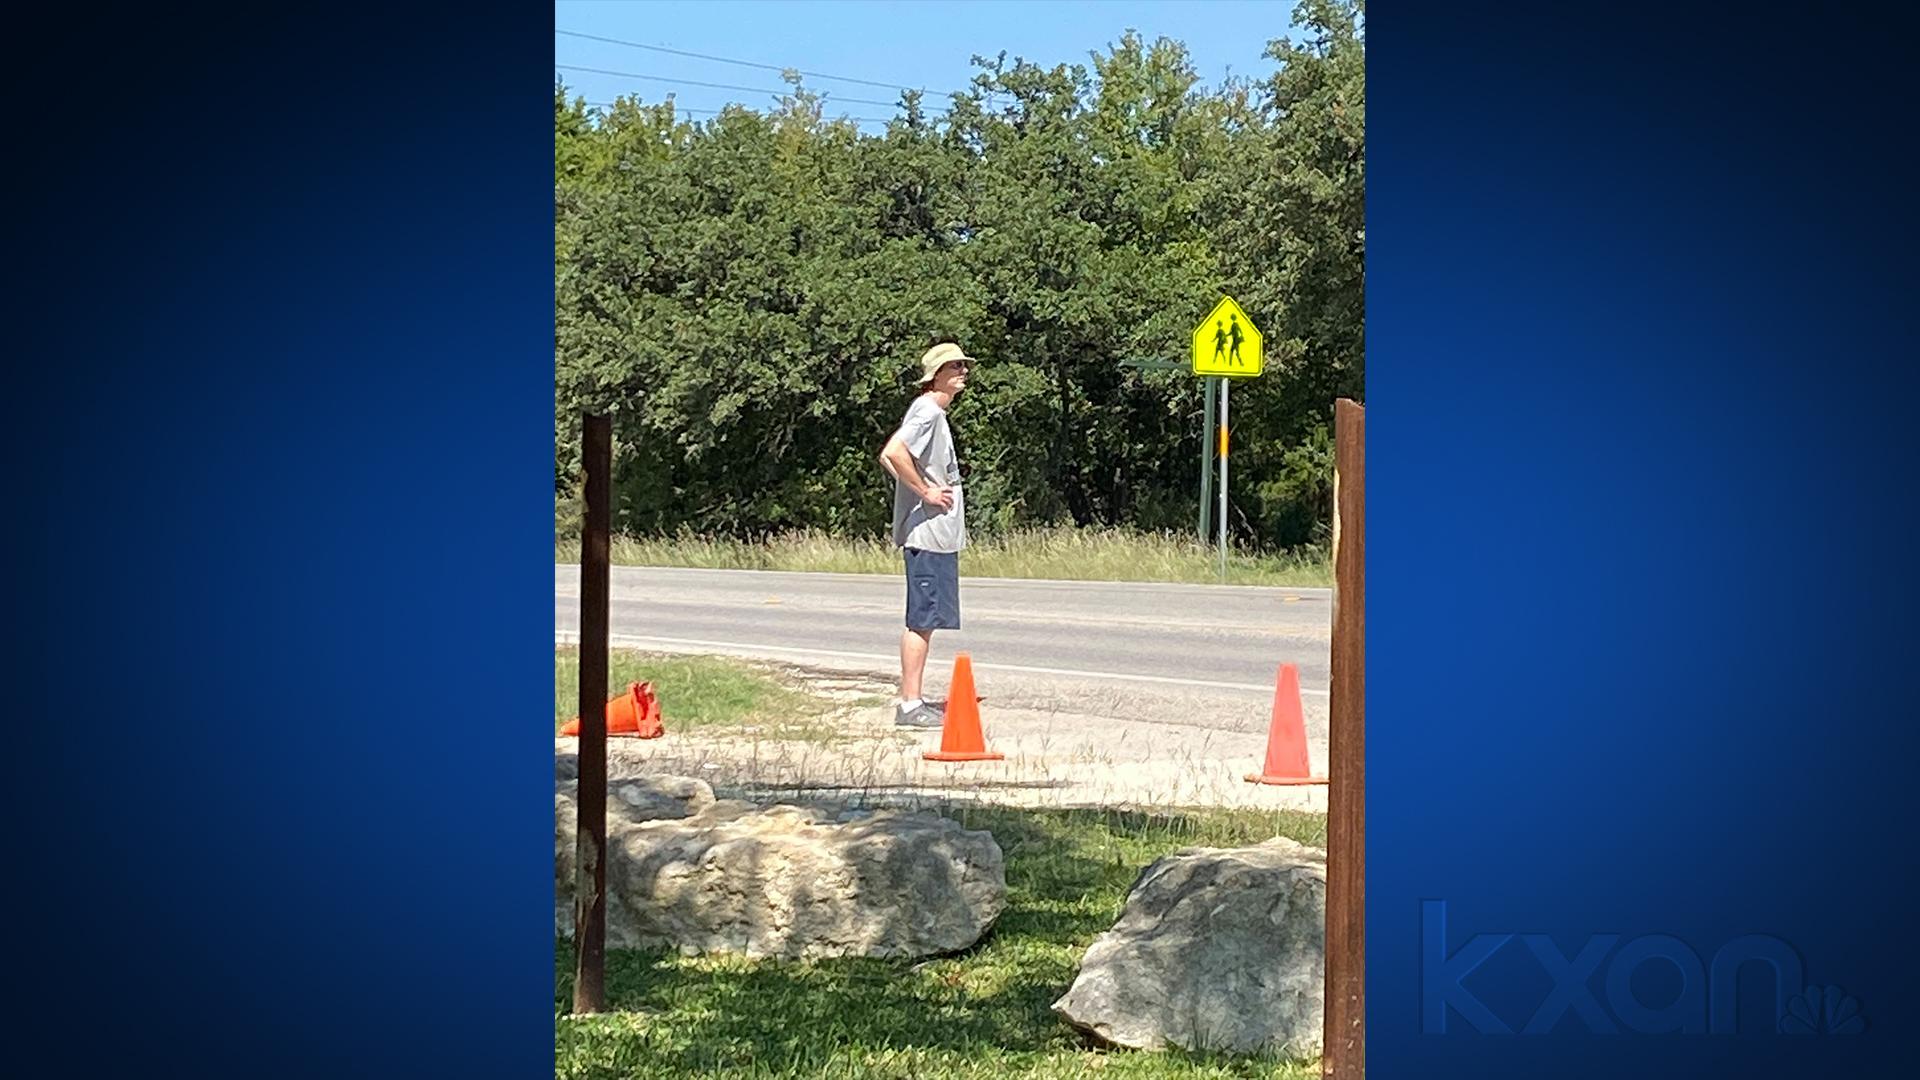 The graffiti suspect Hays County Sheriff's Office is looking for. (Hays County Sheriff's Office photo)